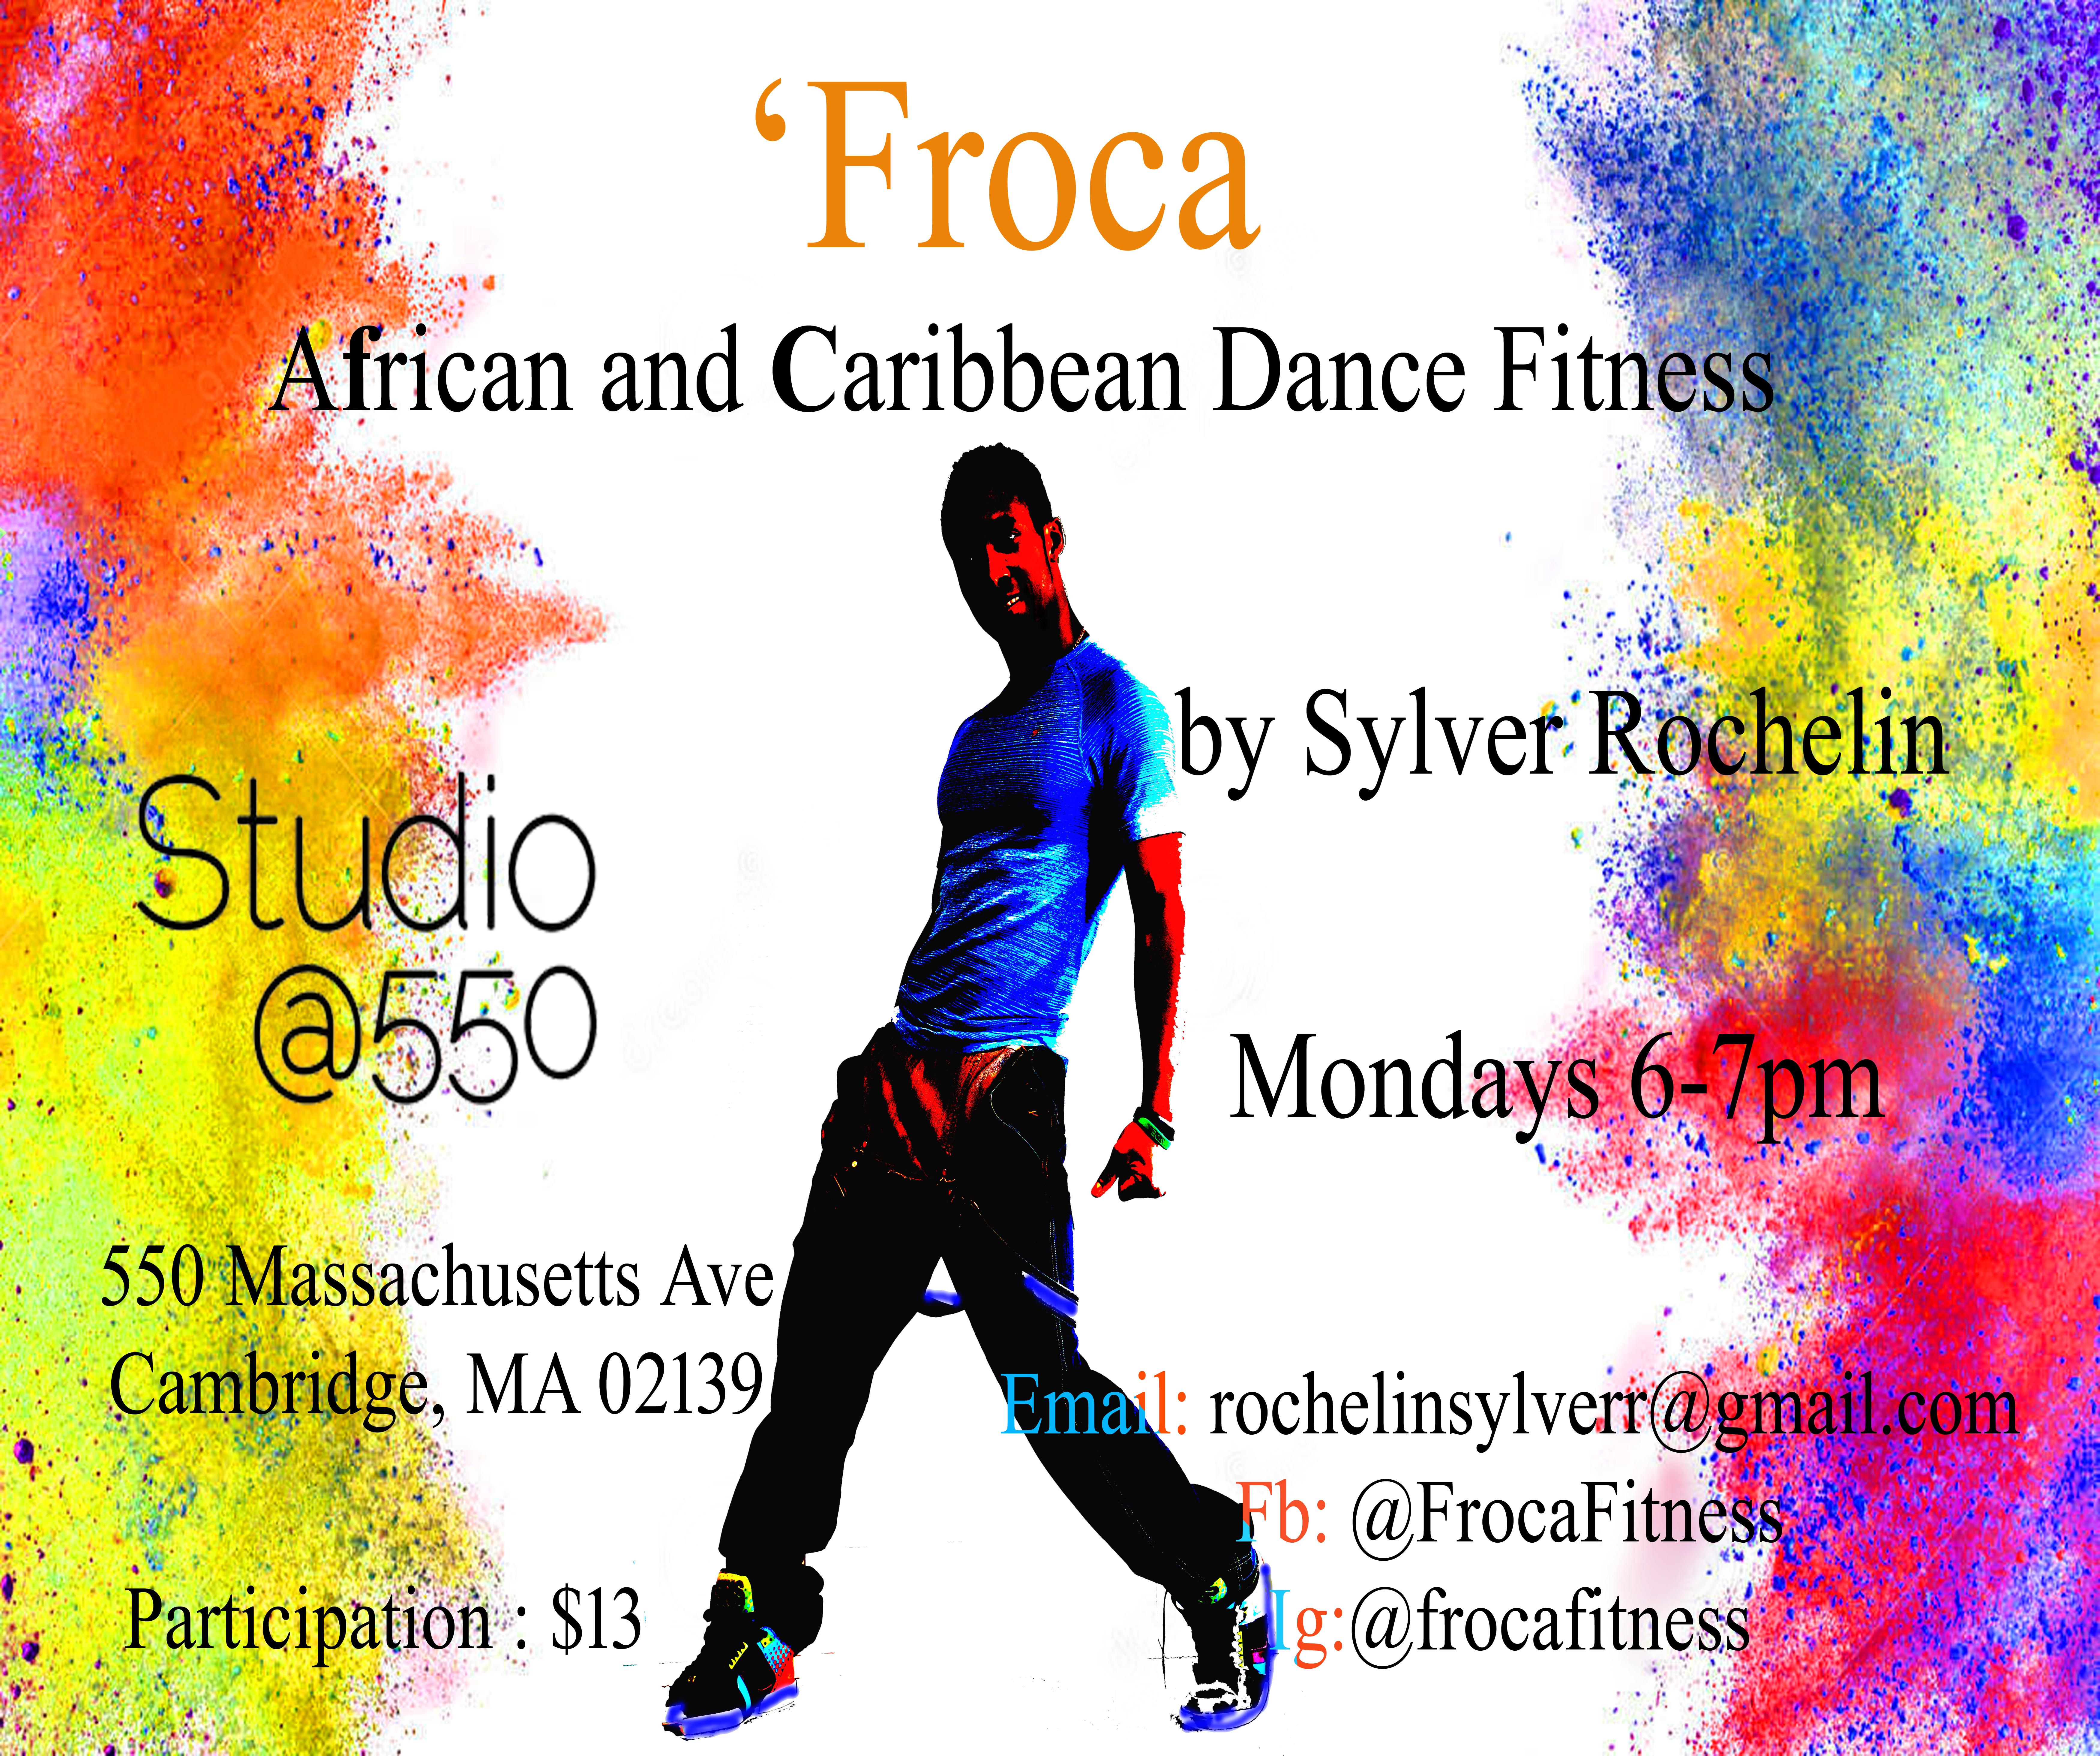 Froca Dance Fitness